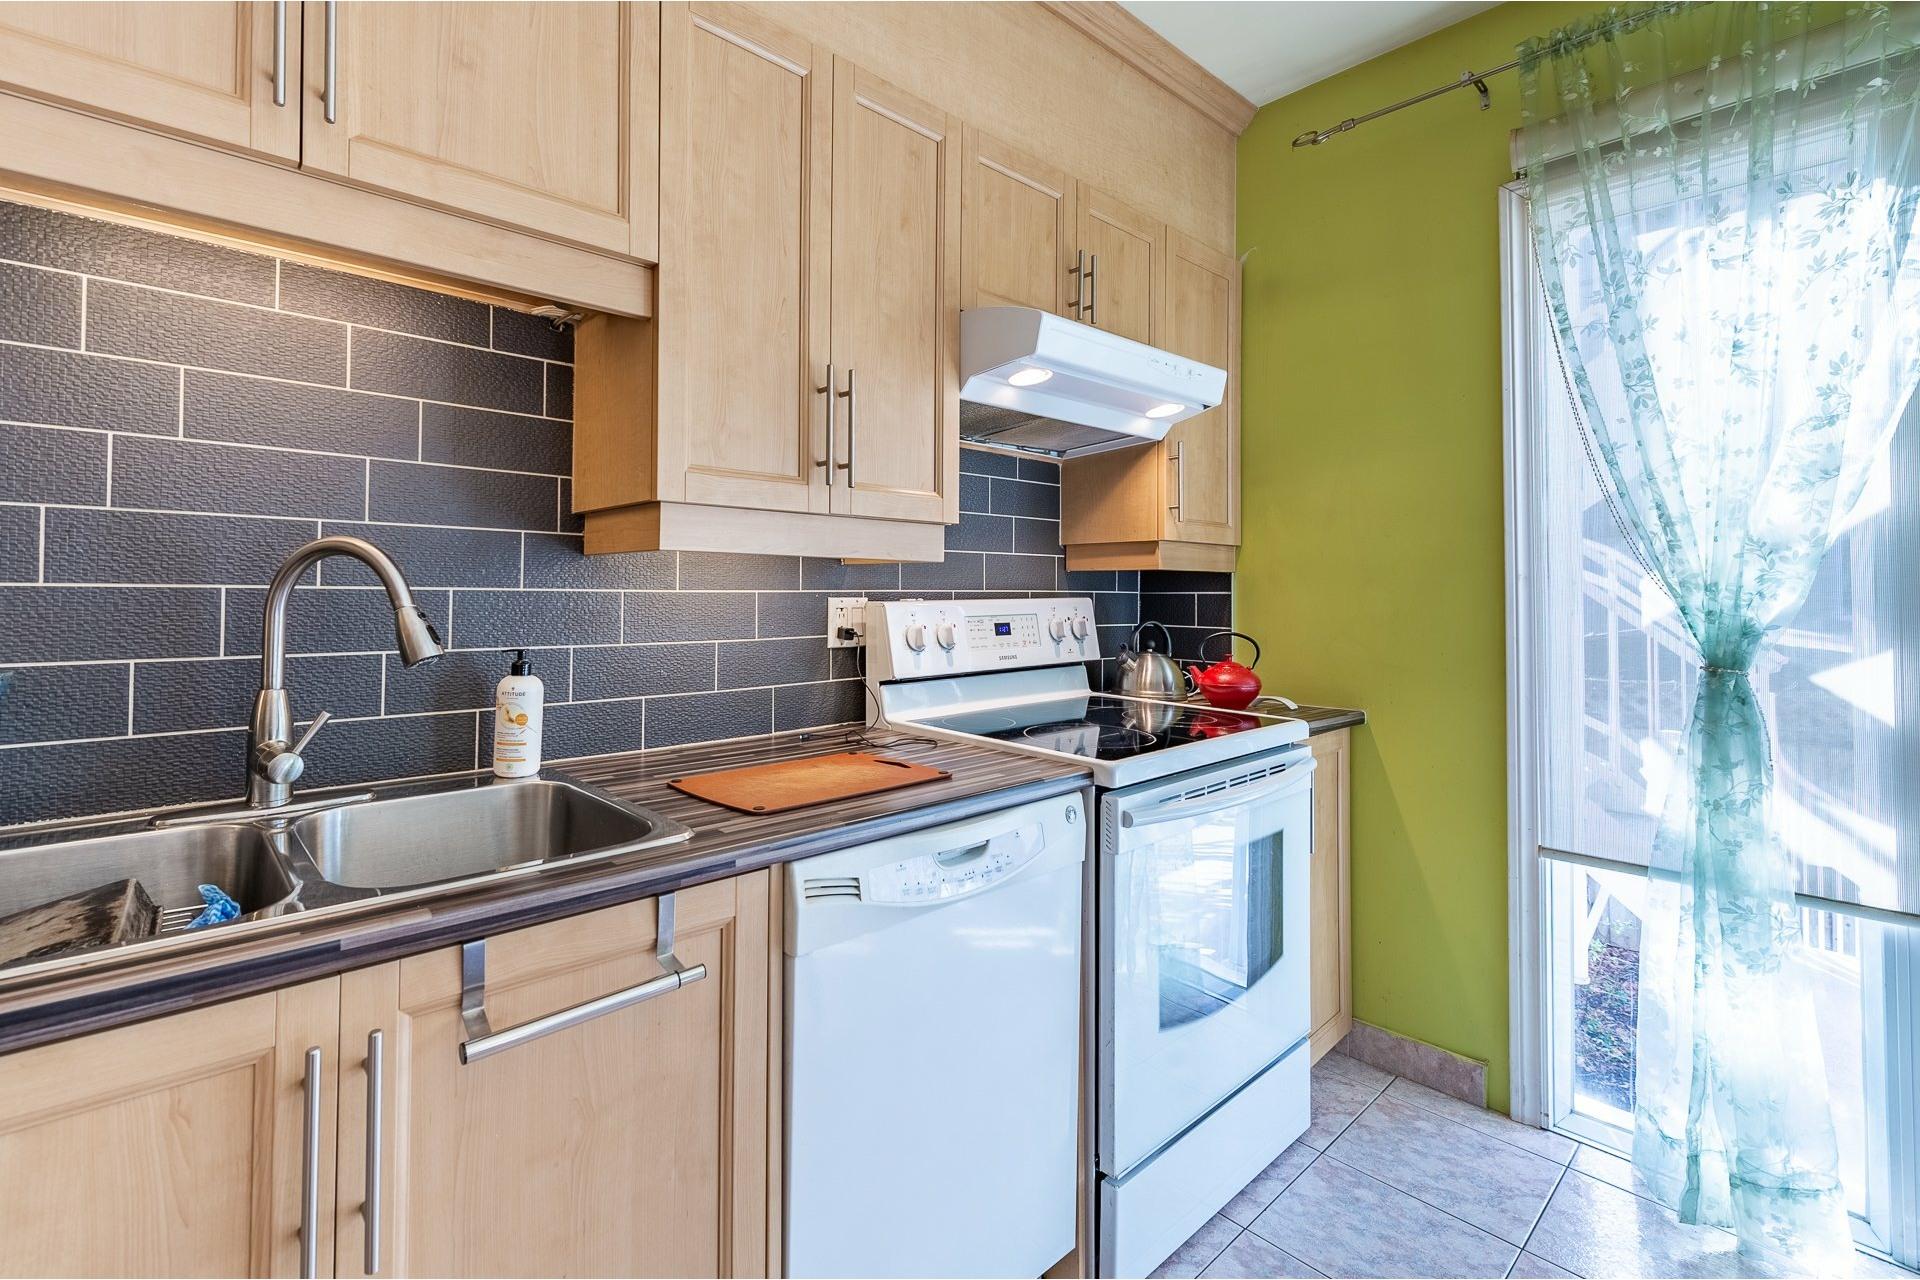 image 1 - Duplex À vendre Villeray/Saint-Michel/Parc-Extension Montréal  - 5 pièces